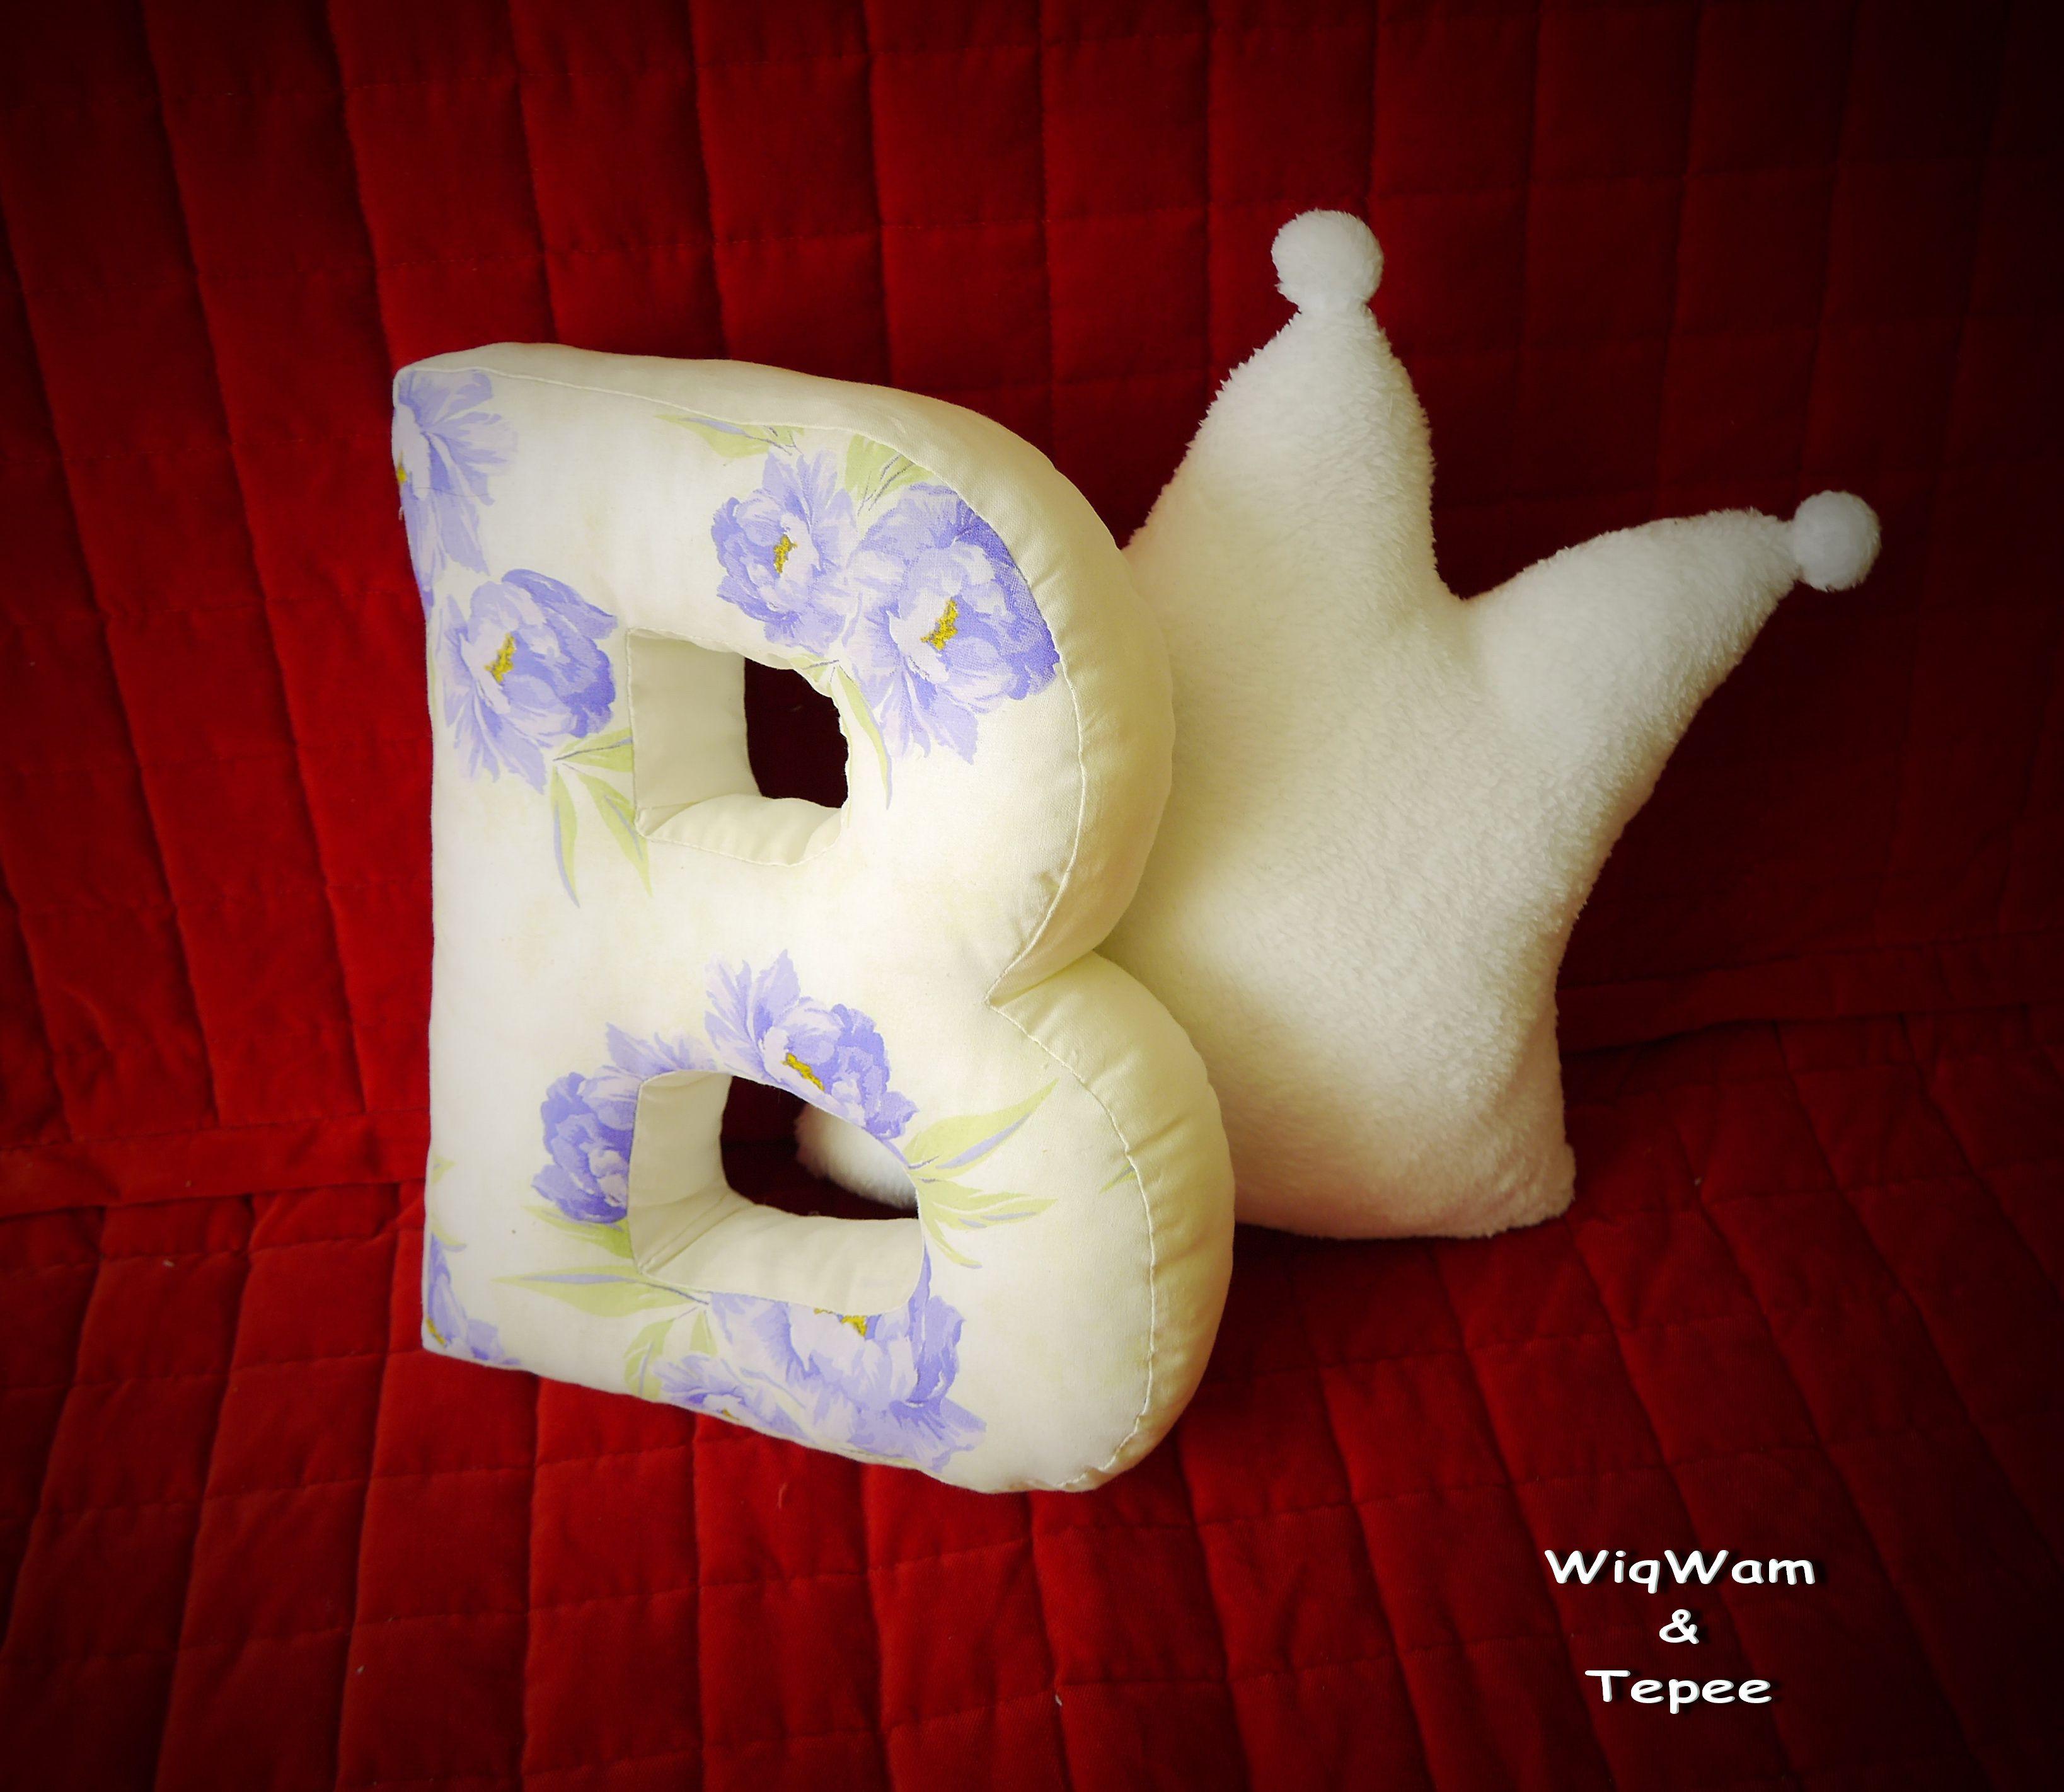 wigwam kids pillows